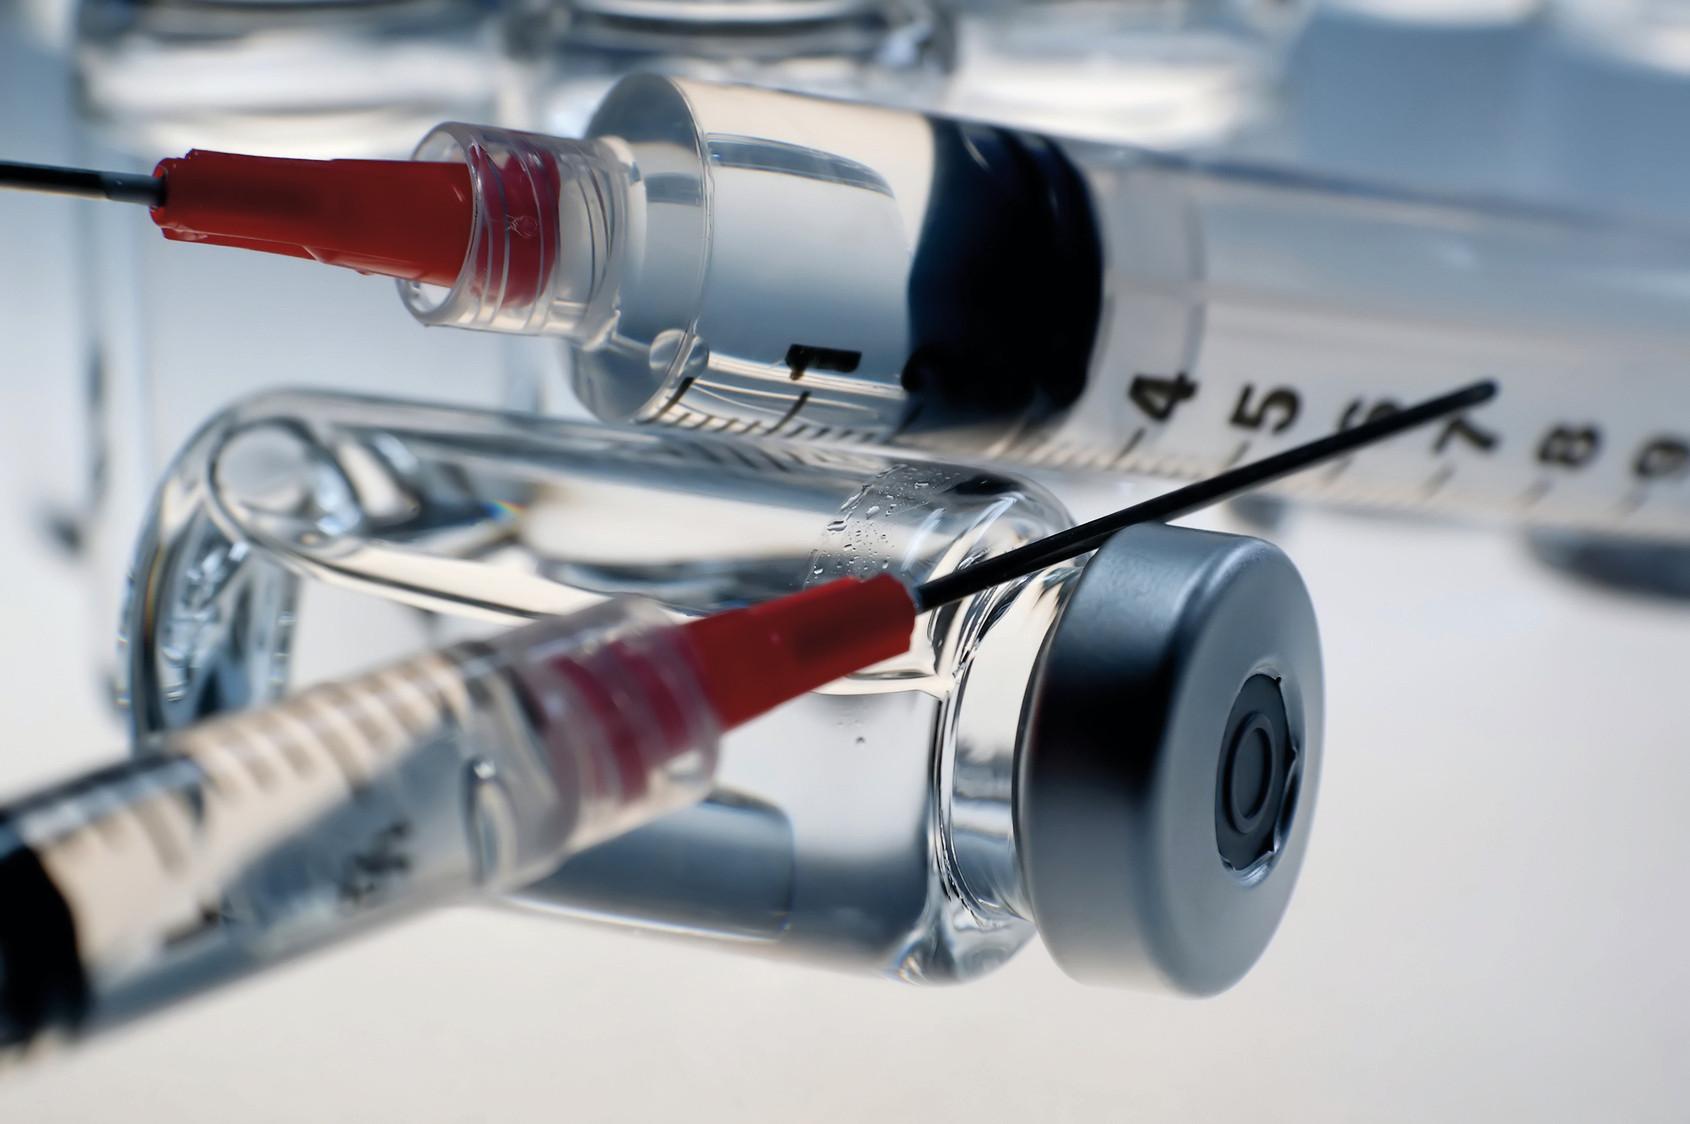 studie zu impfstoff kombinationen erst